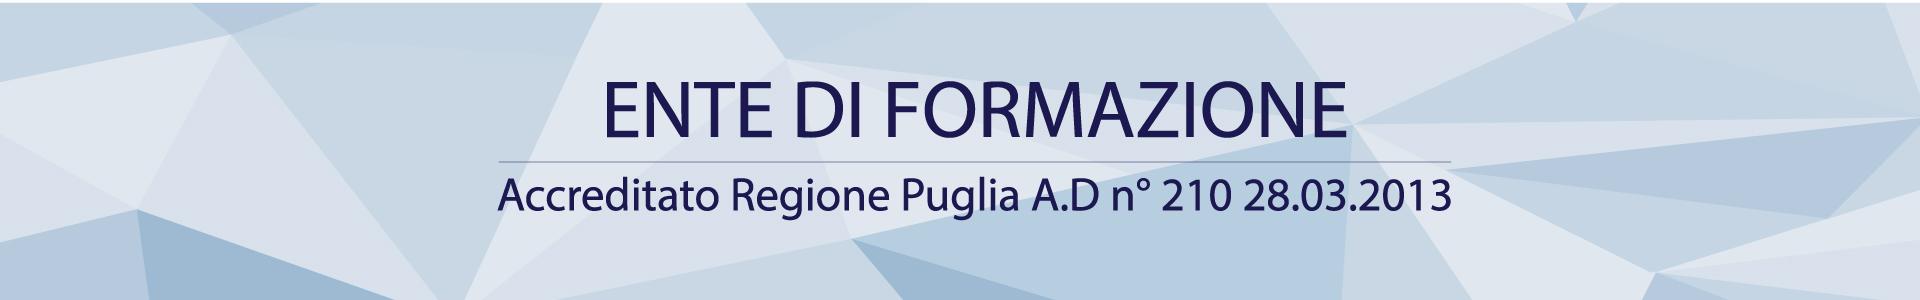 Ente di Formazione Demetra – Corsi di Formazione Brindisi, Taranto, Lecce, Bari, Puglia, Italia-Banner